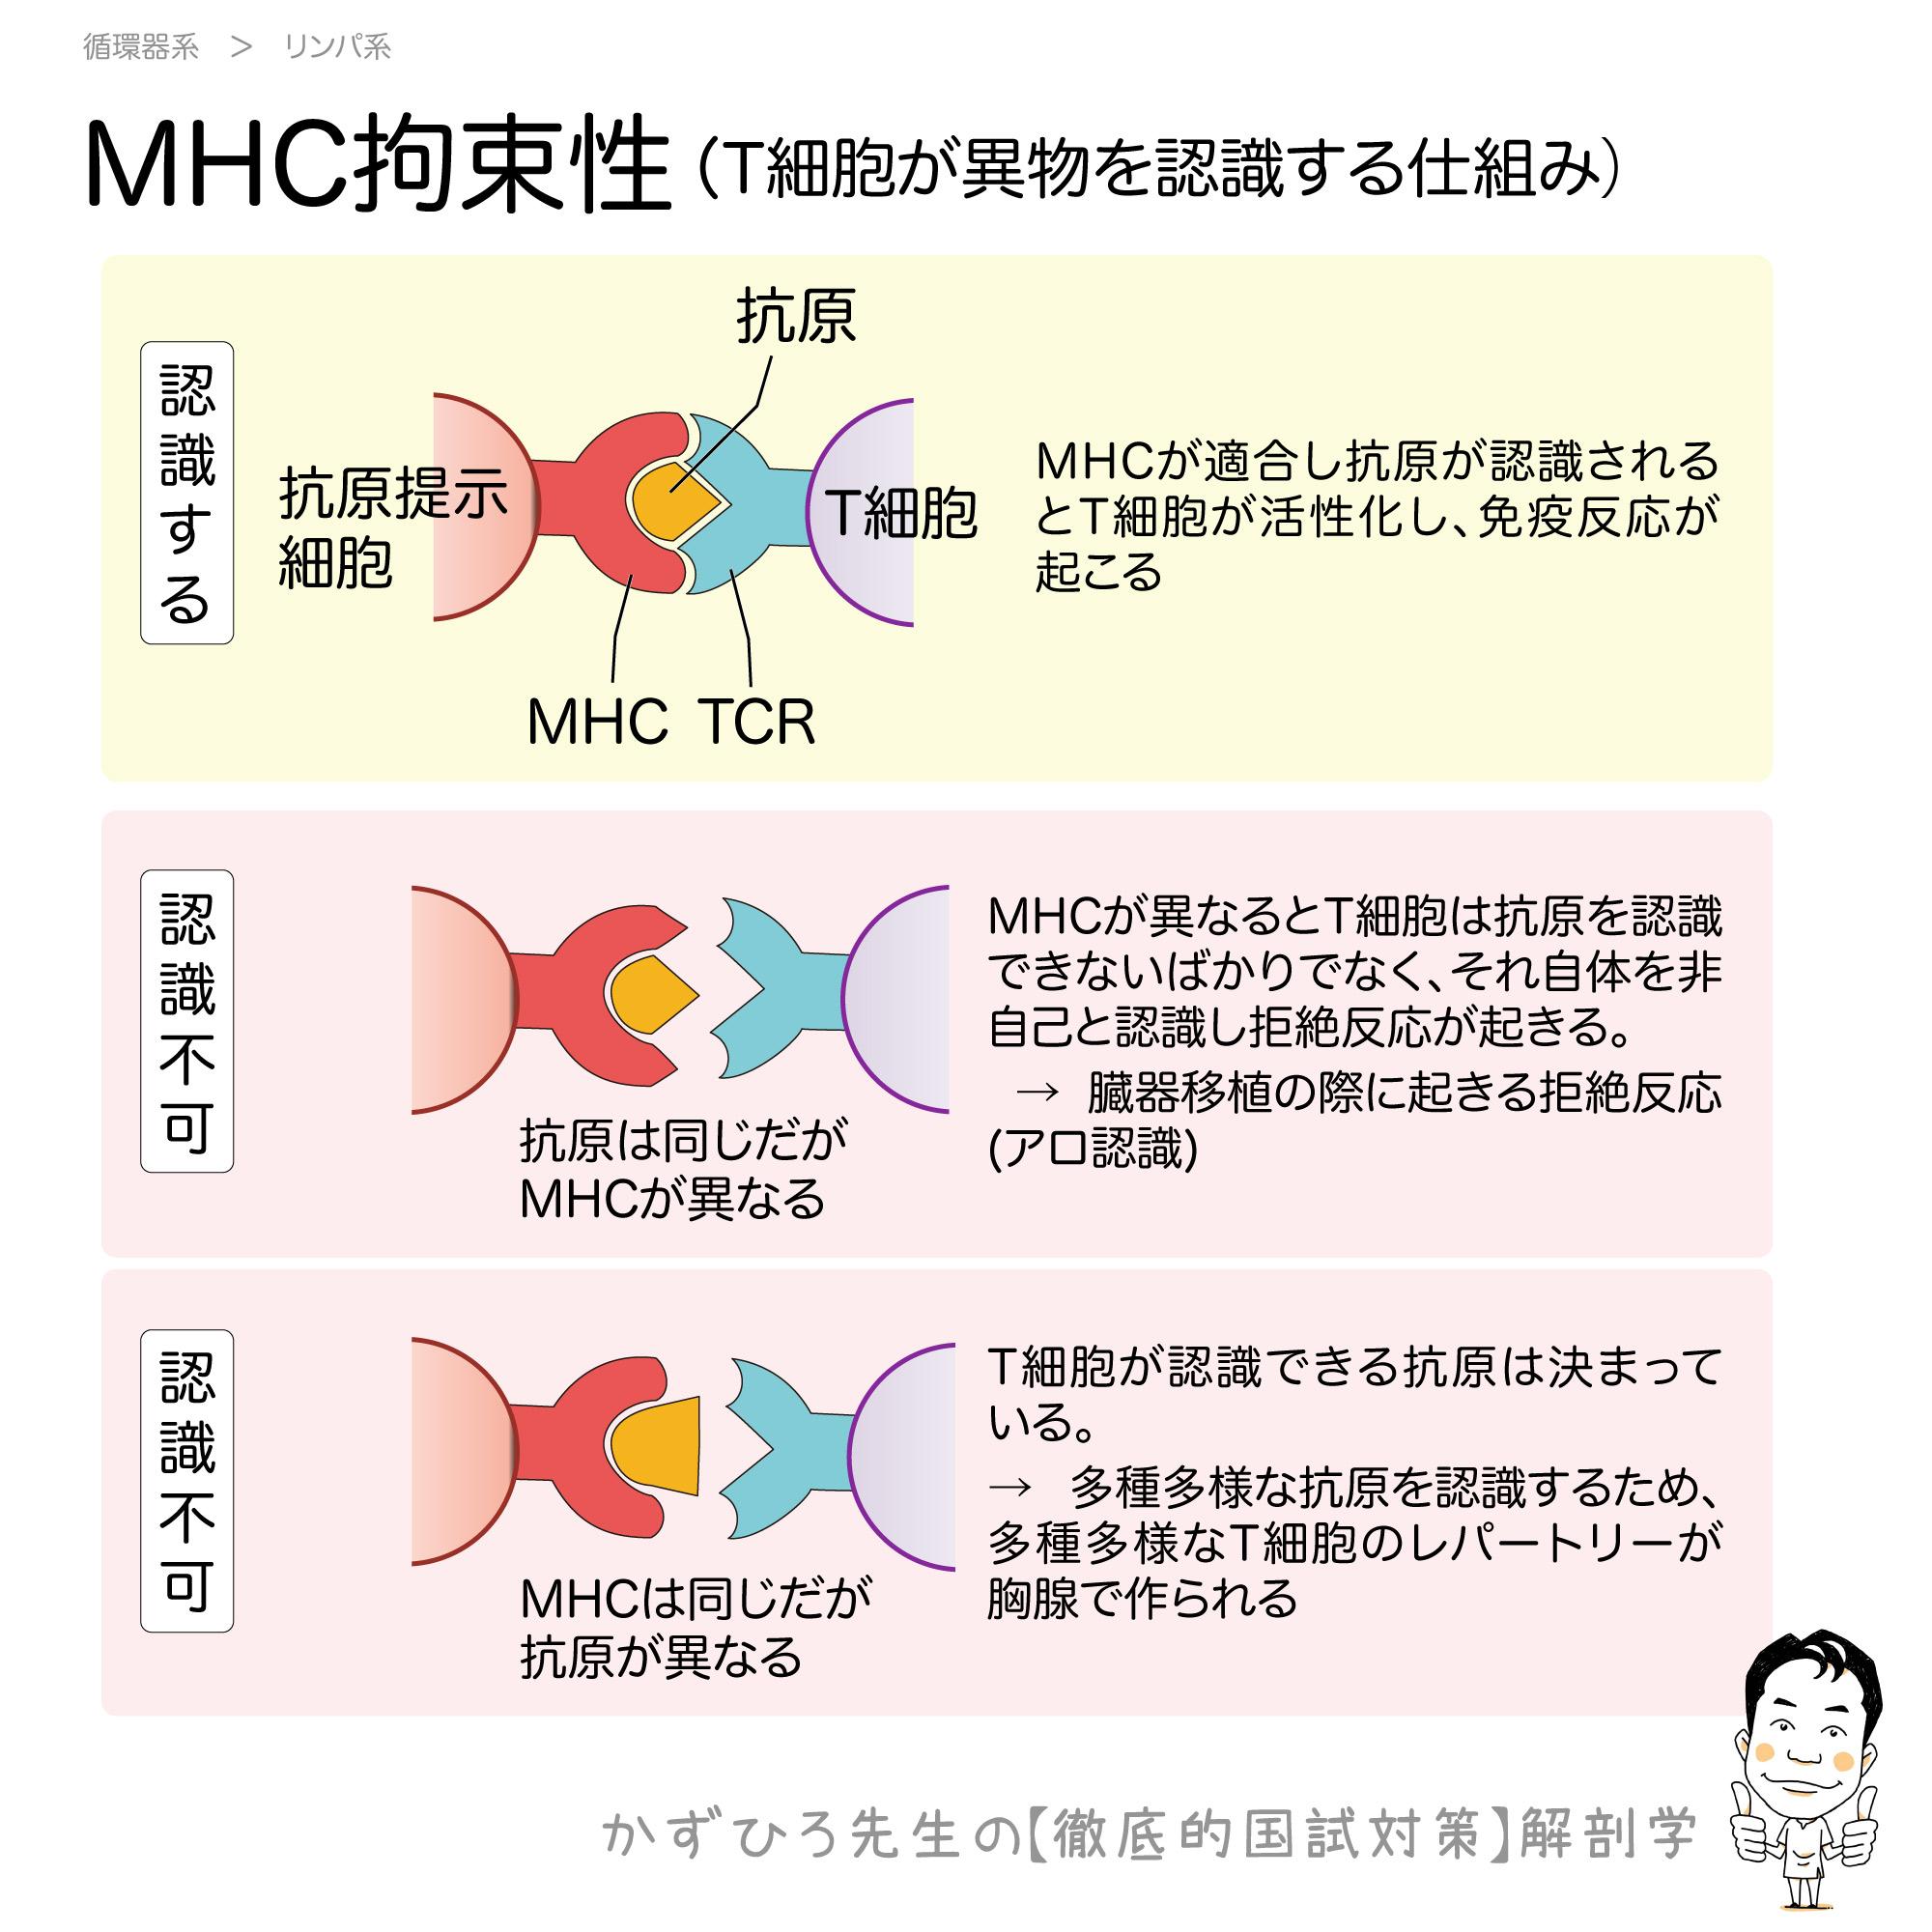 MHC拘束性:T細胞が異物を認識する仕組み | 徹底的解剖学